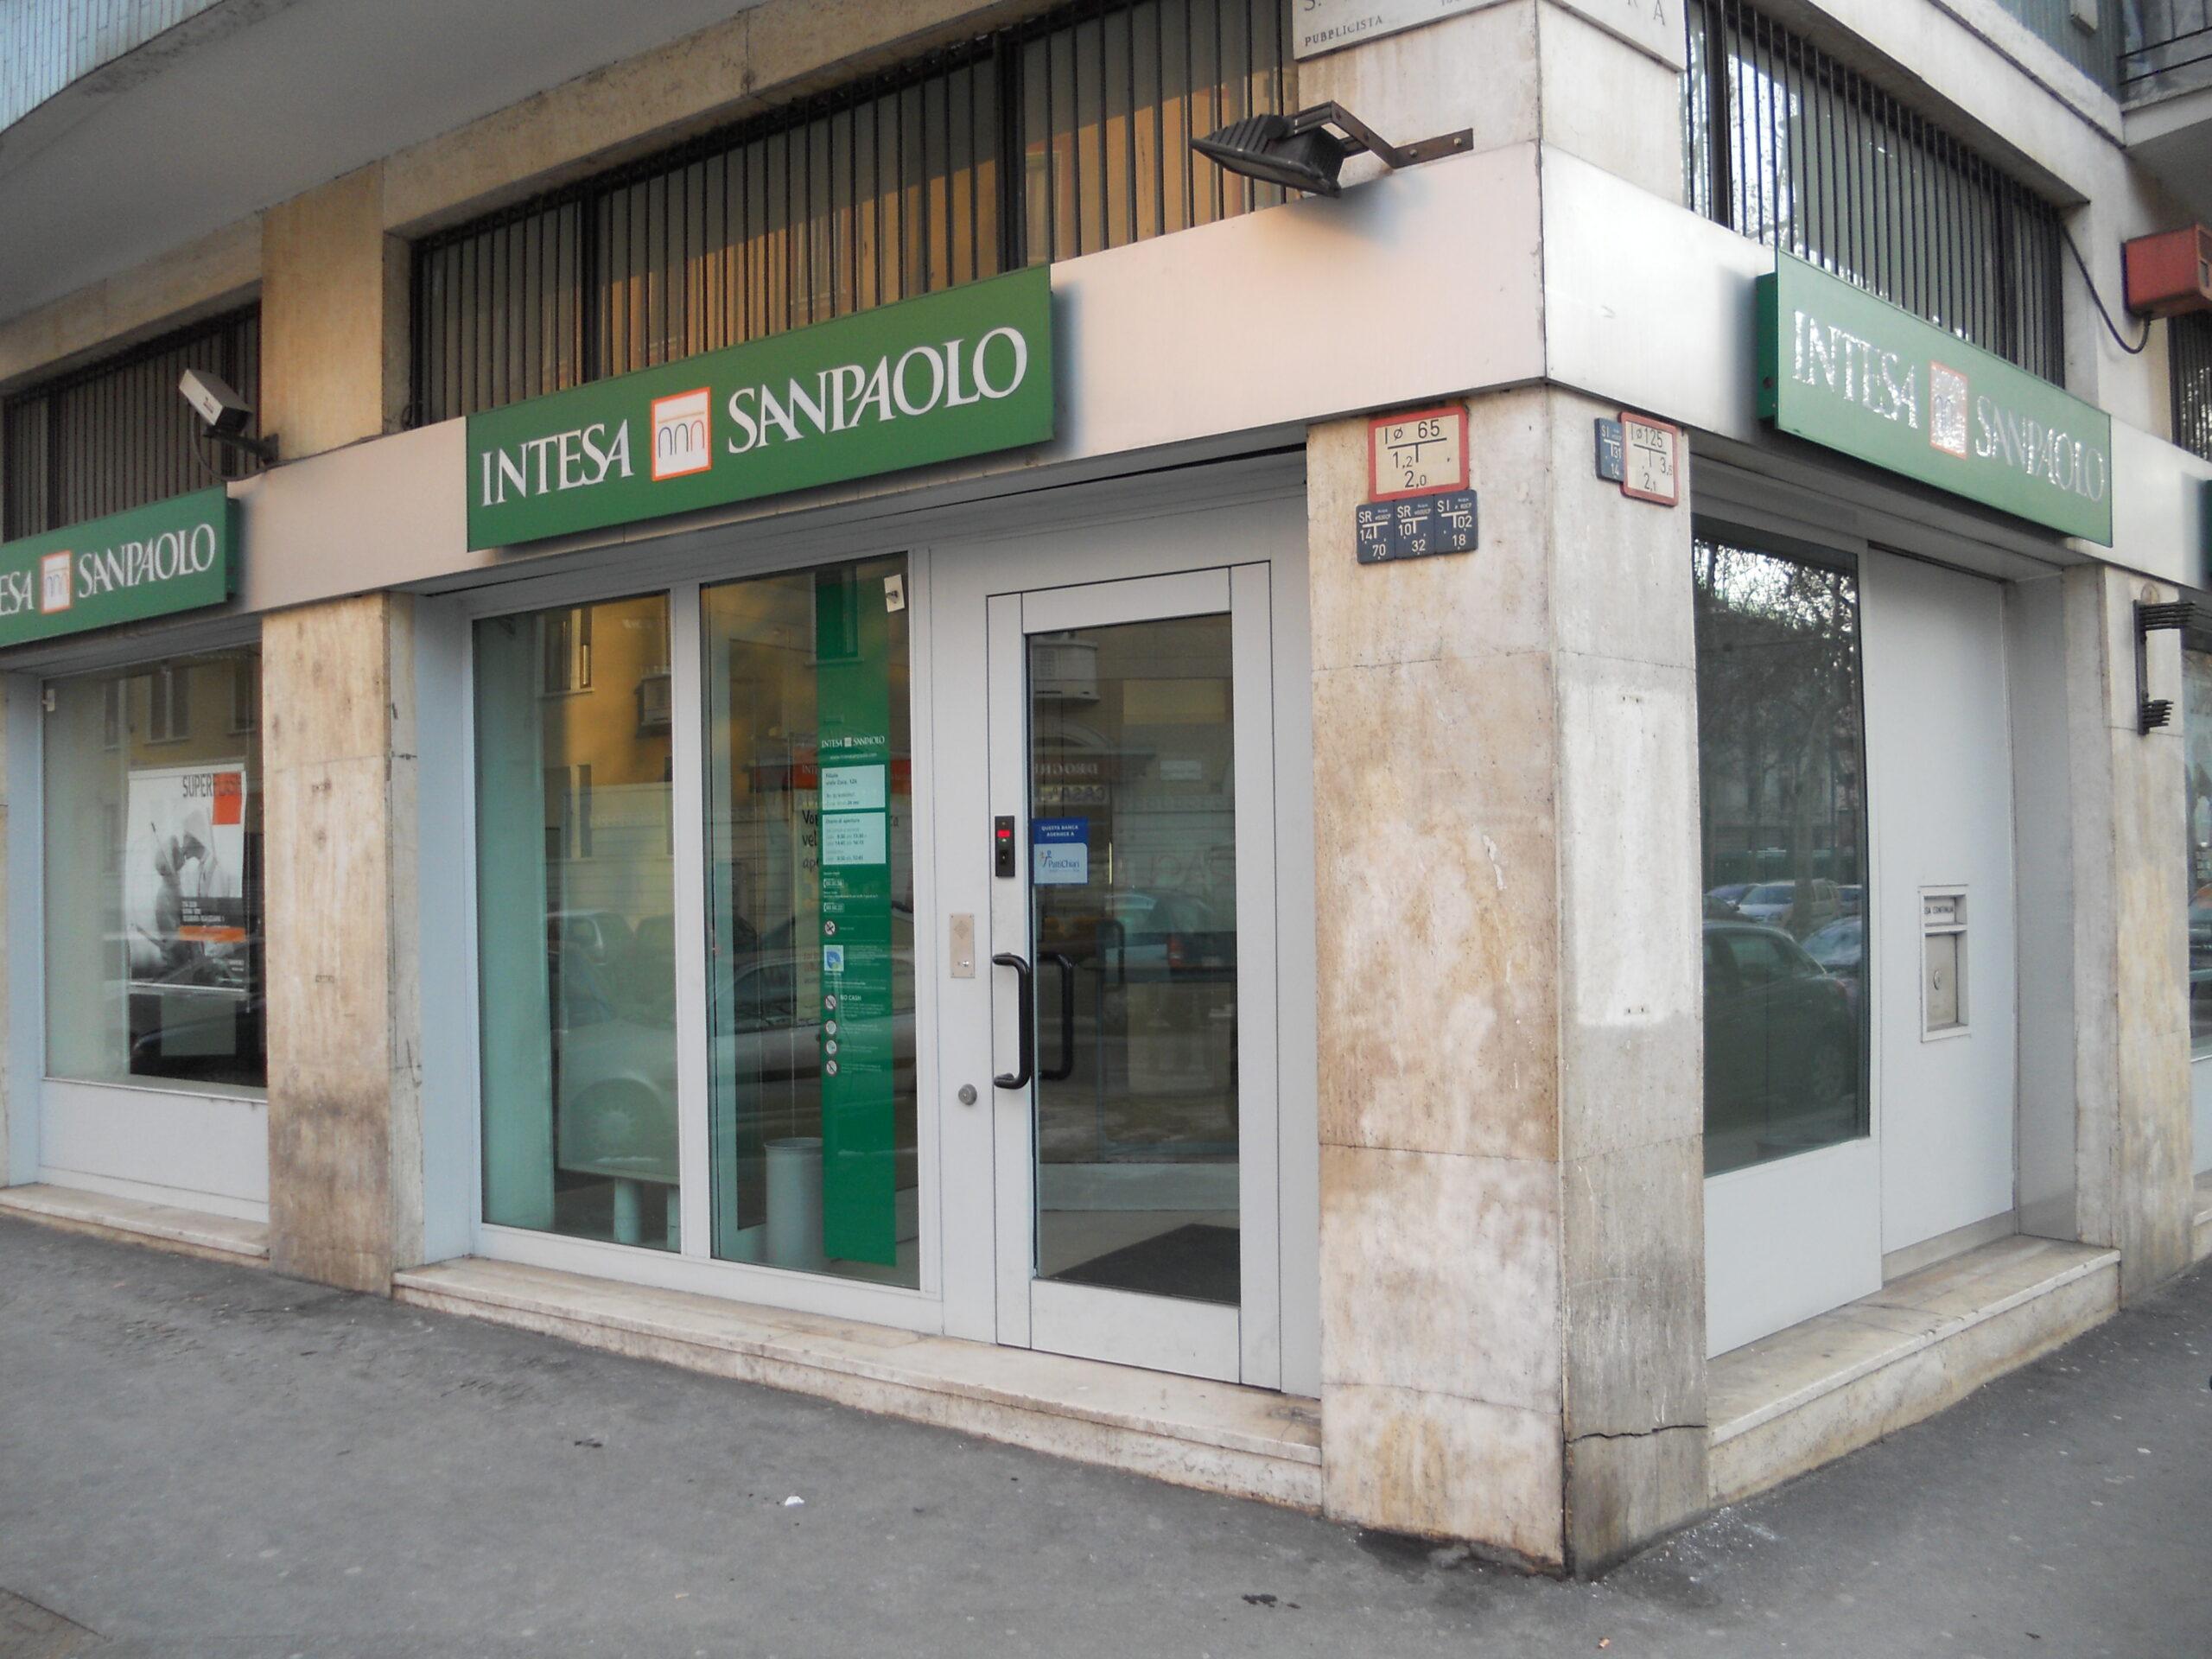 conta-bancaria-na-italia-intesa-san-paolo